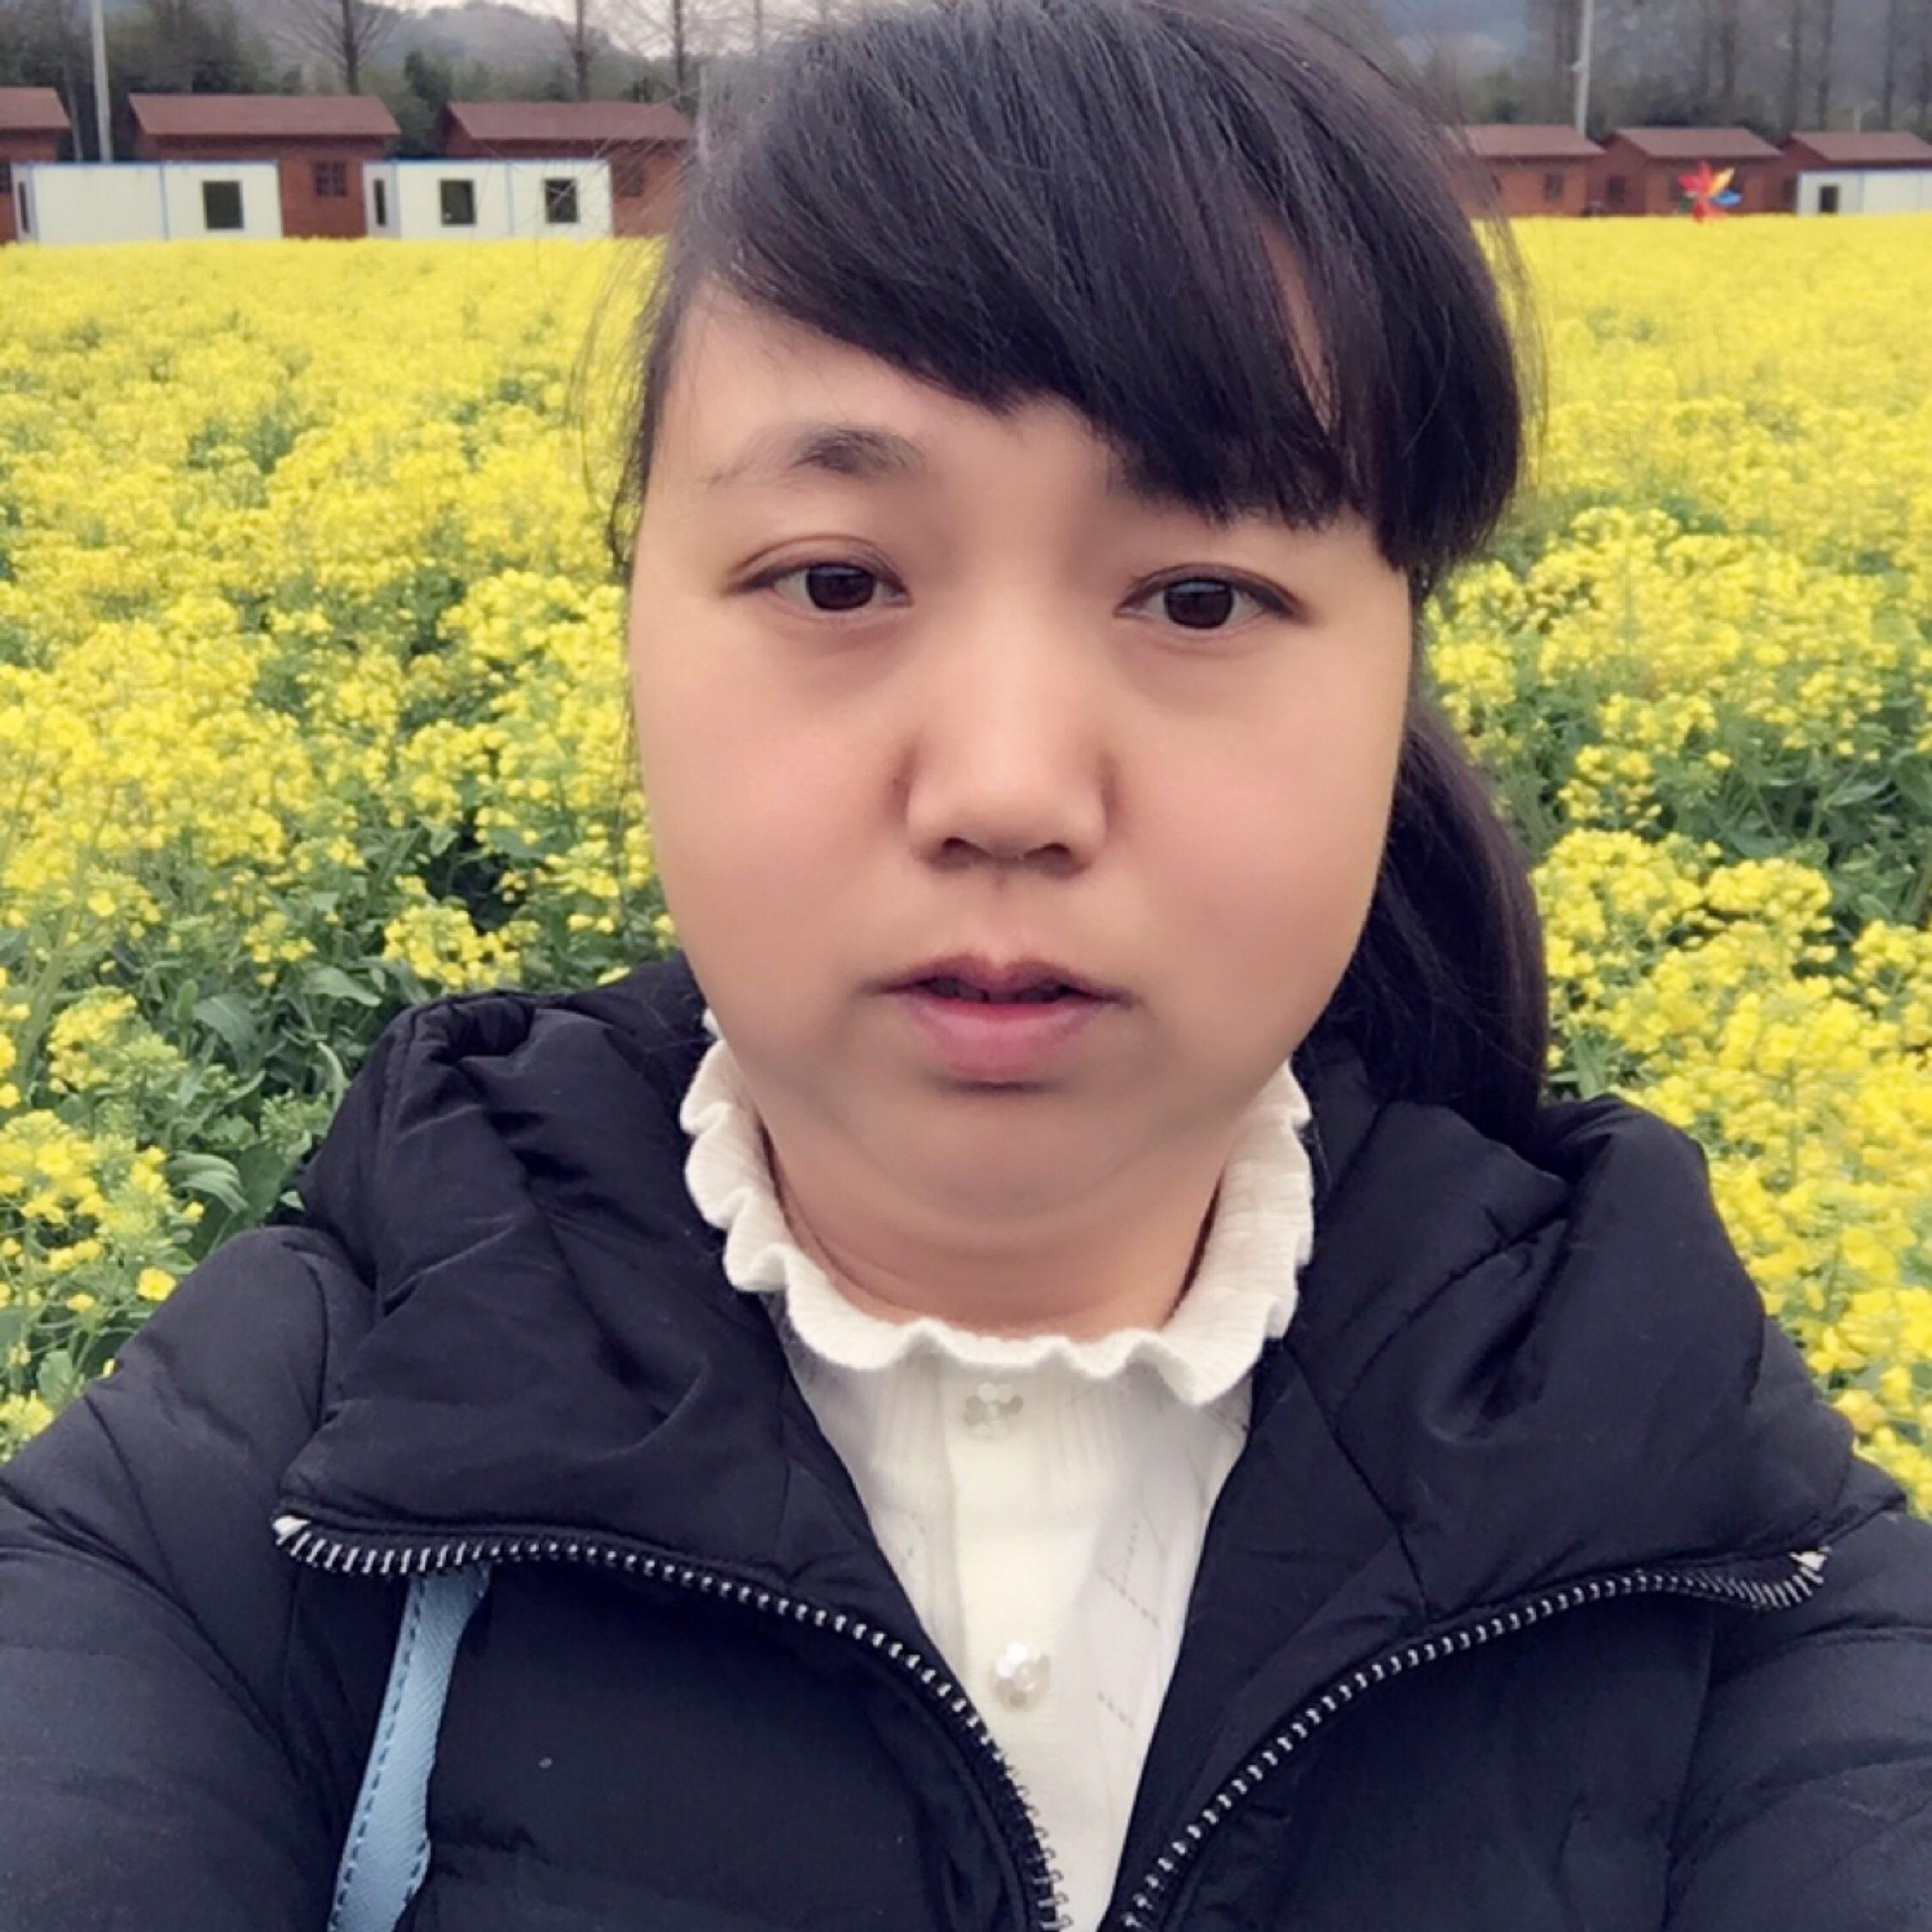 小草屋女人